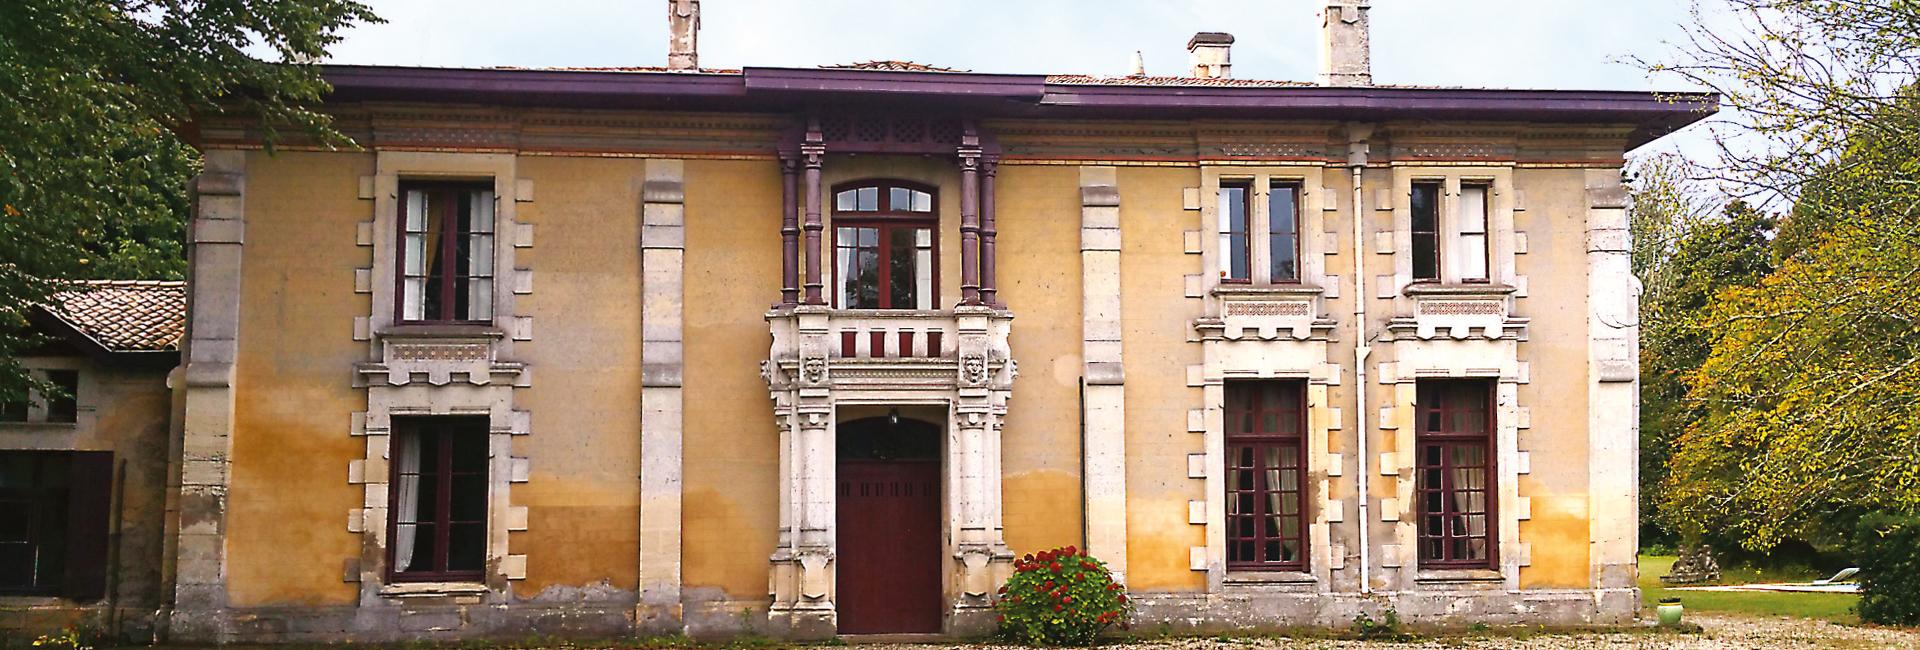 chateau Pessac-Léognan